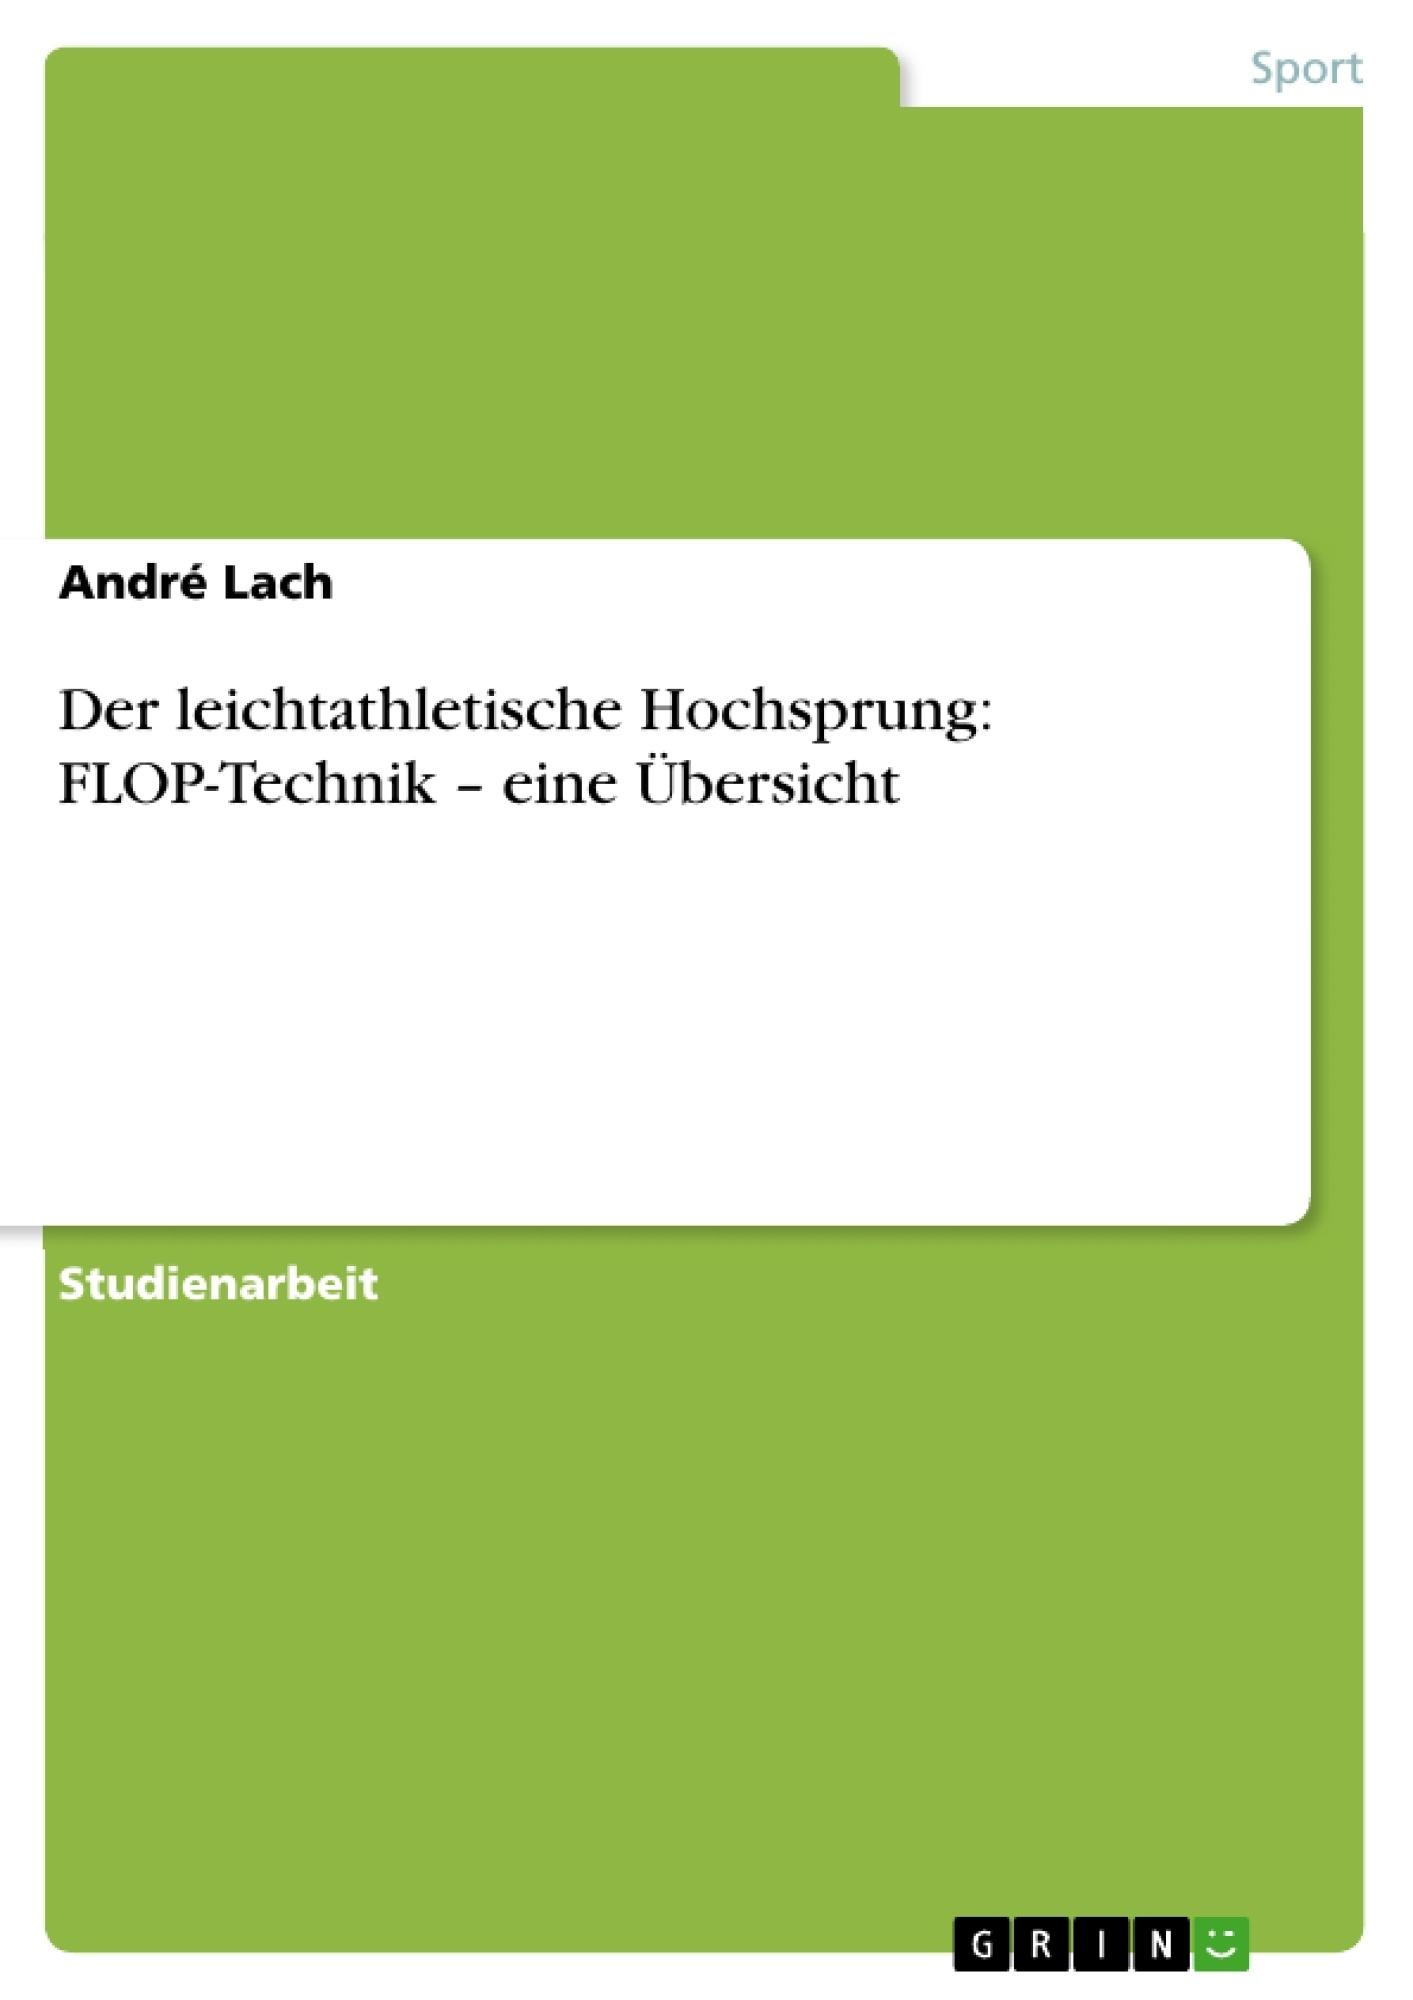 Titel: Der leichtathletische Hochsprung: FLOP-Technik – eine Übersicht